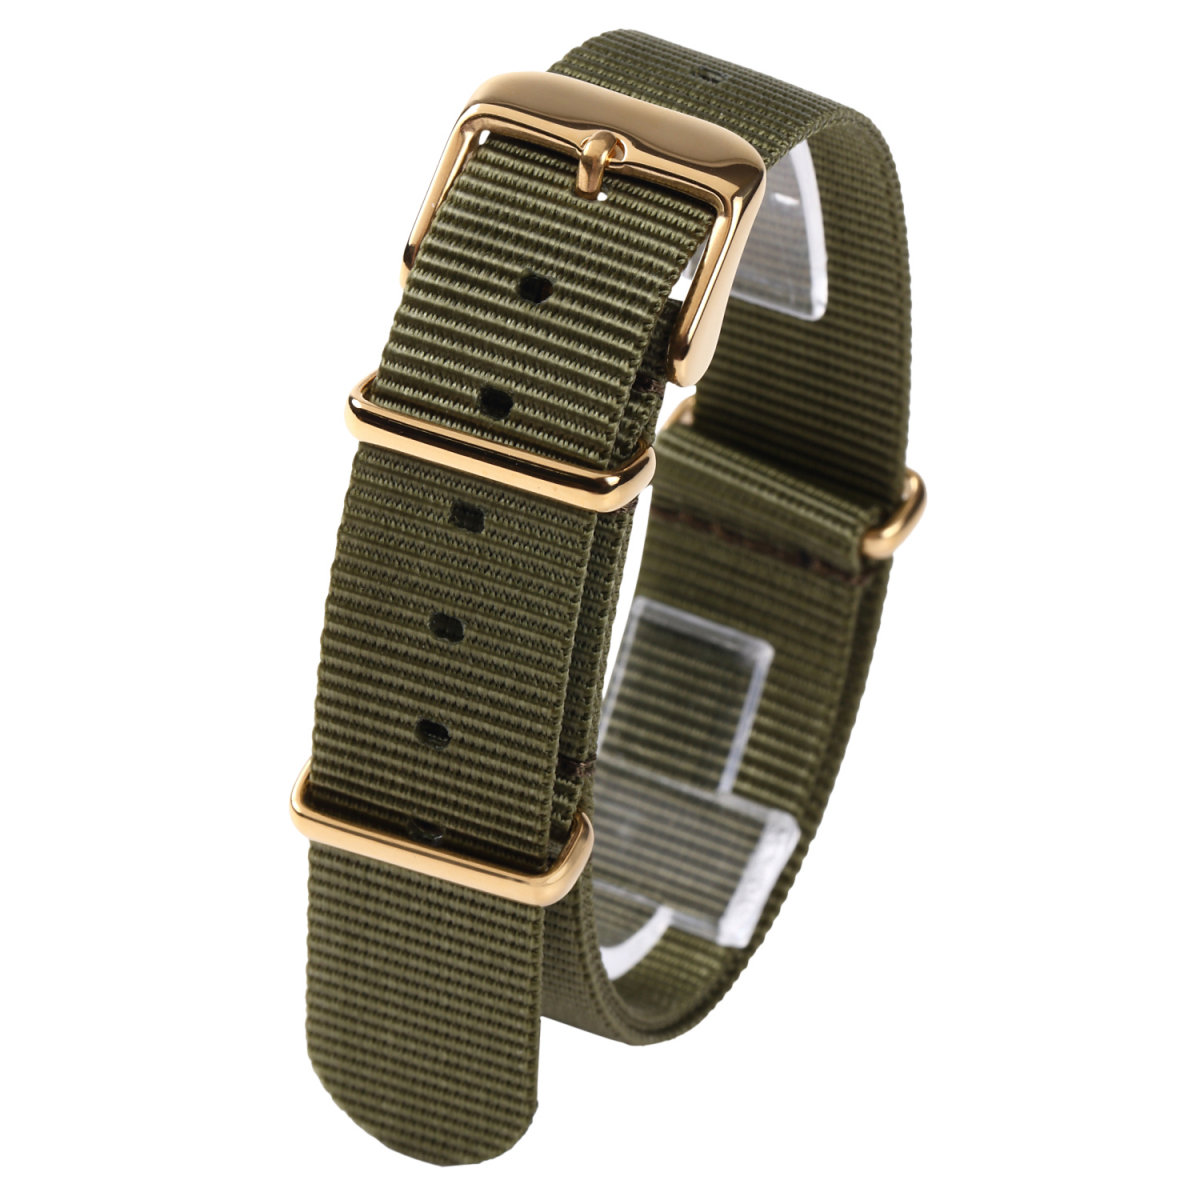 時計ベルト カーキグリーン 20mm NATO ゴールドバックル 全長255mm ショートサイズ ナイロンストラップ取付けマニュアル_画像1